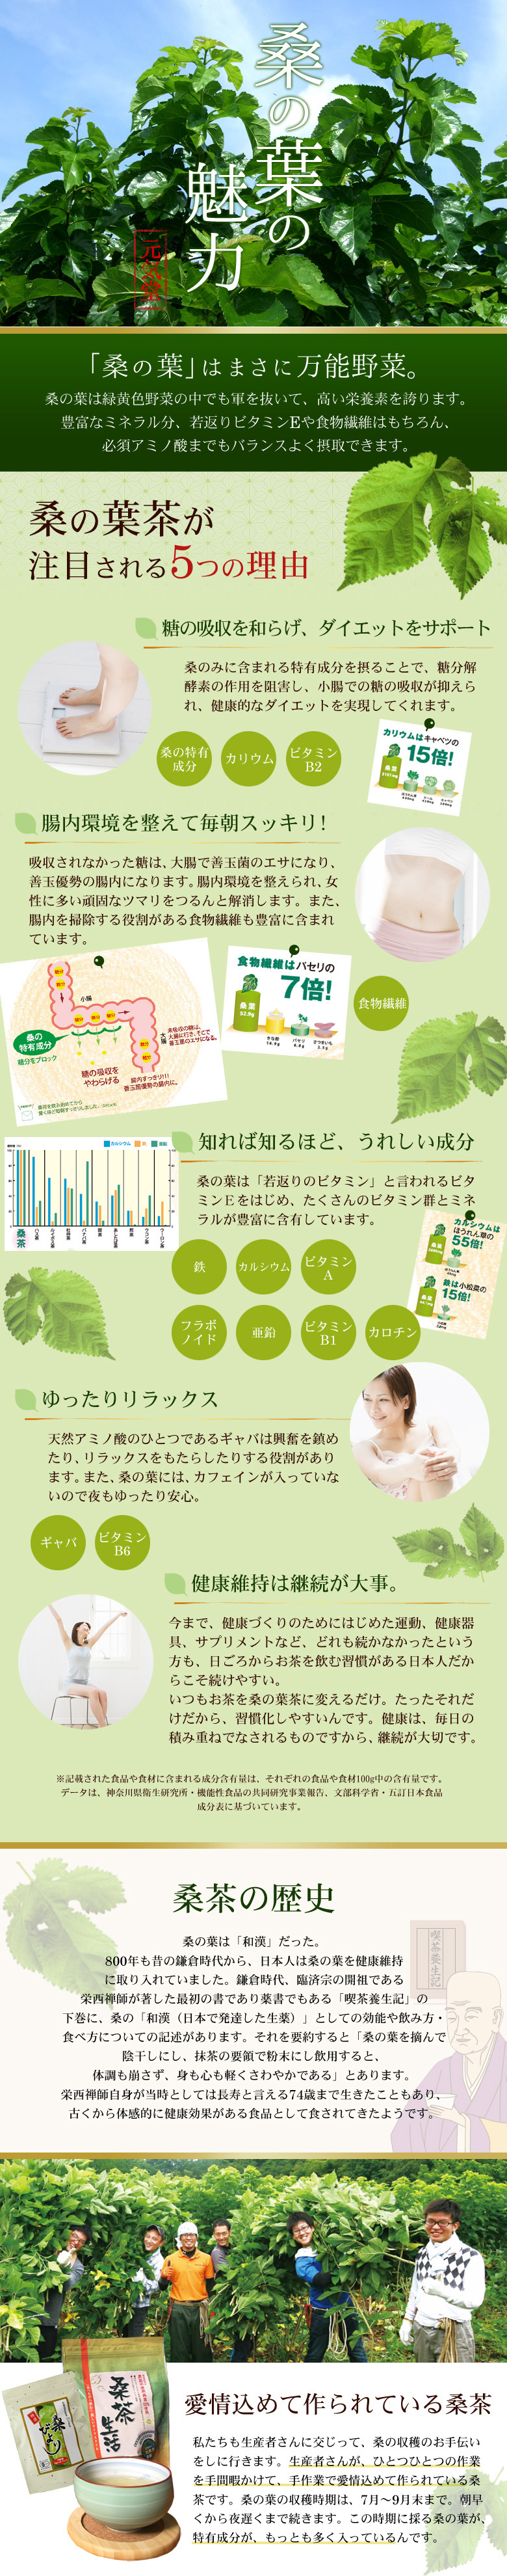 ơ�の葉の魅力 ȇ�然食品・健康食品専門店 Ņ�気堂